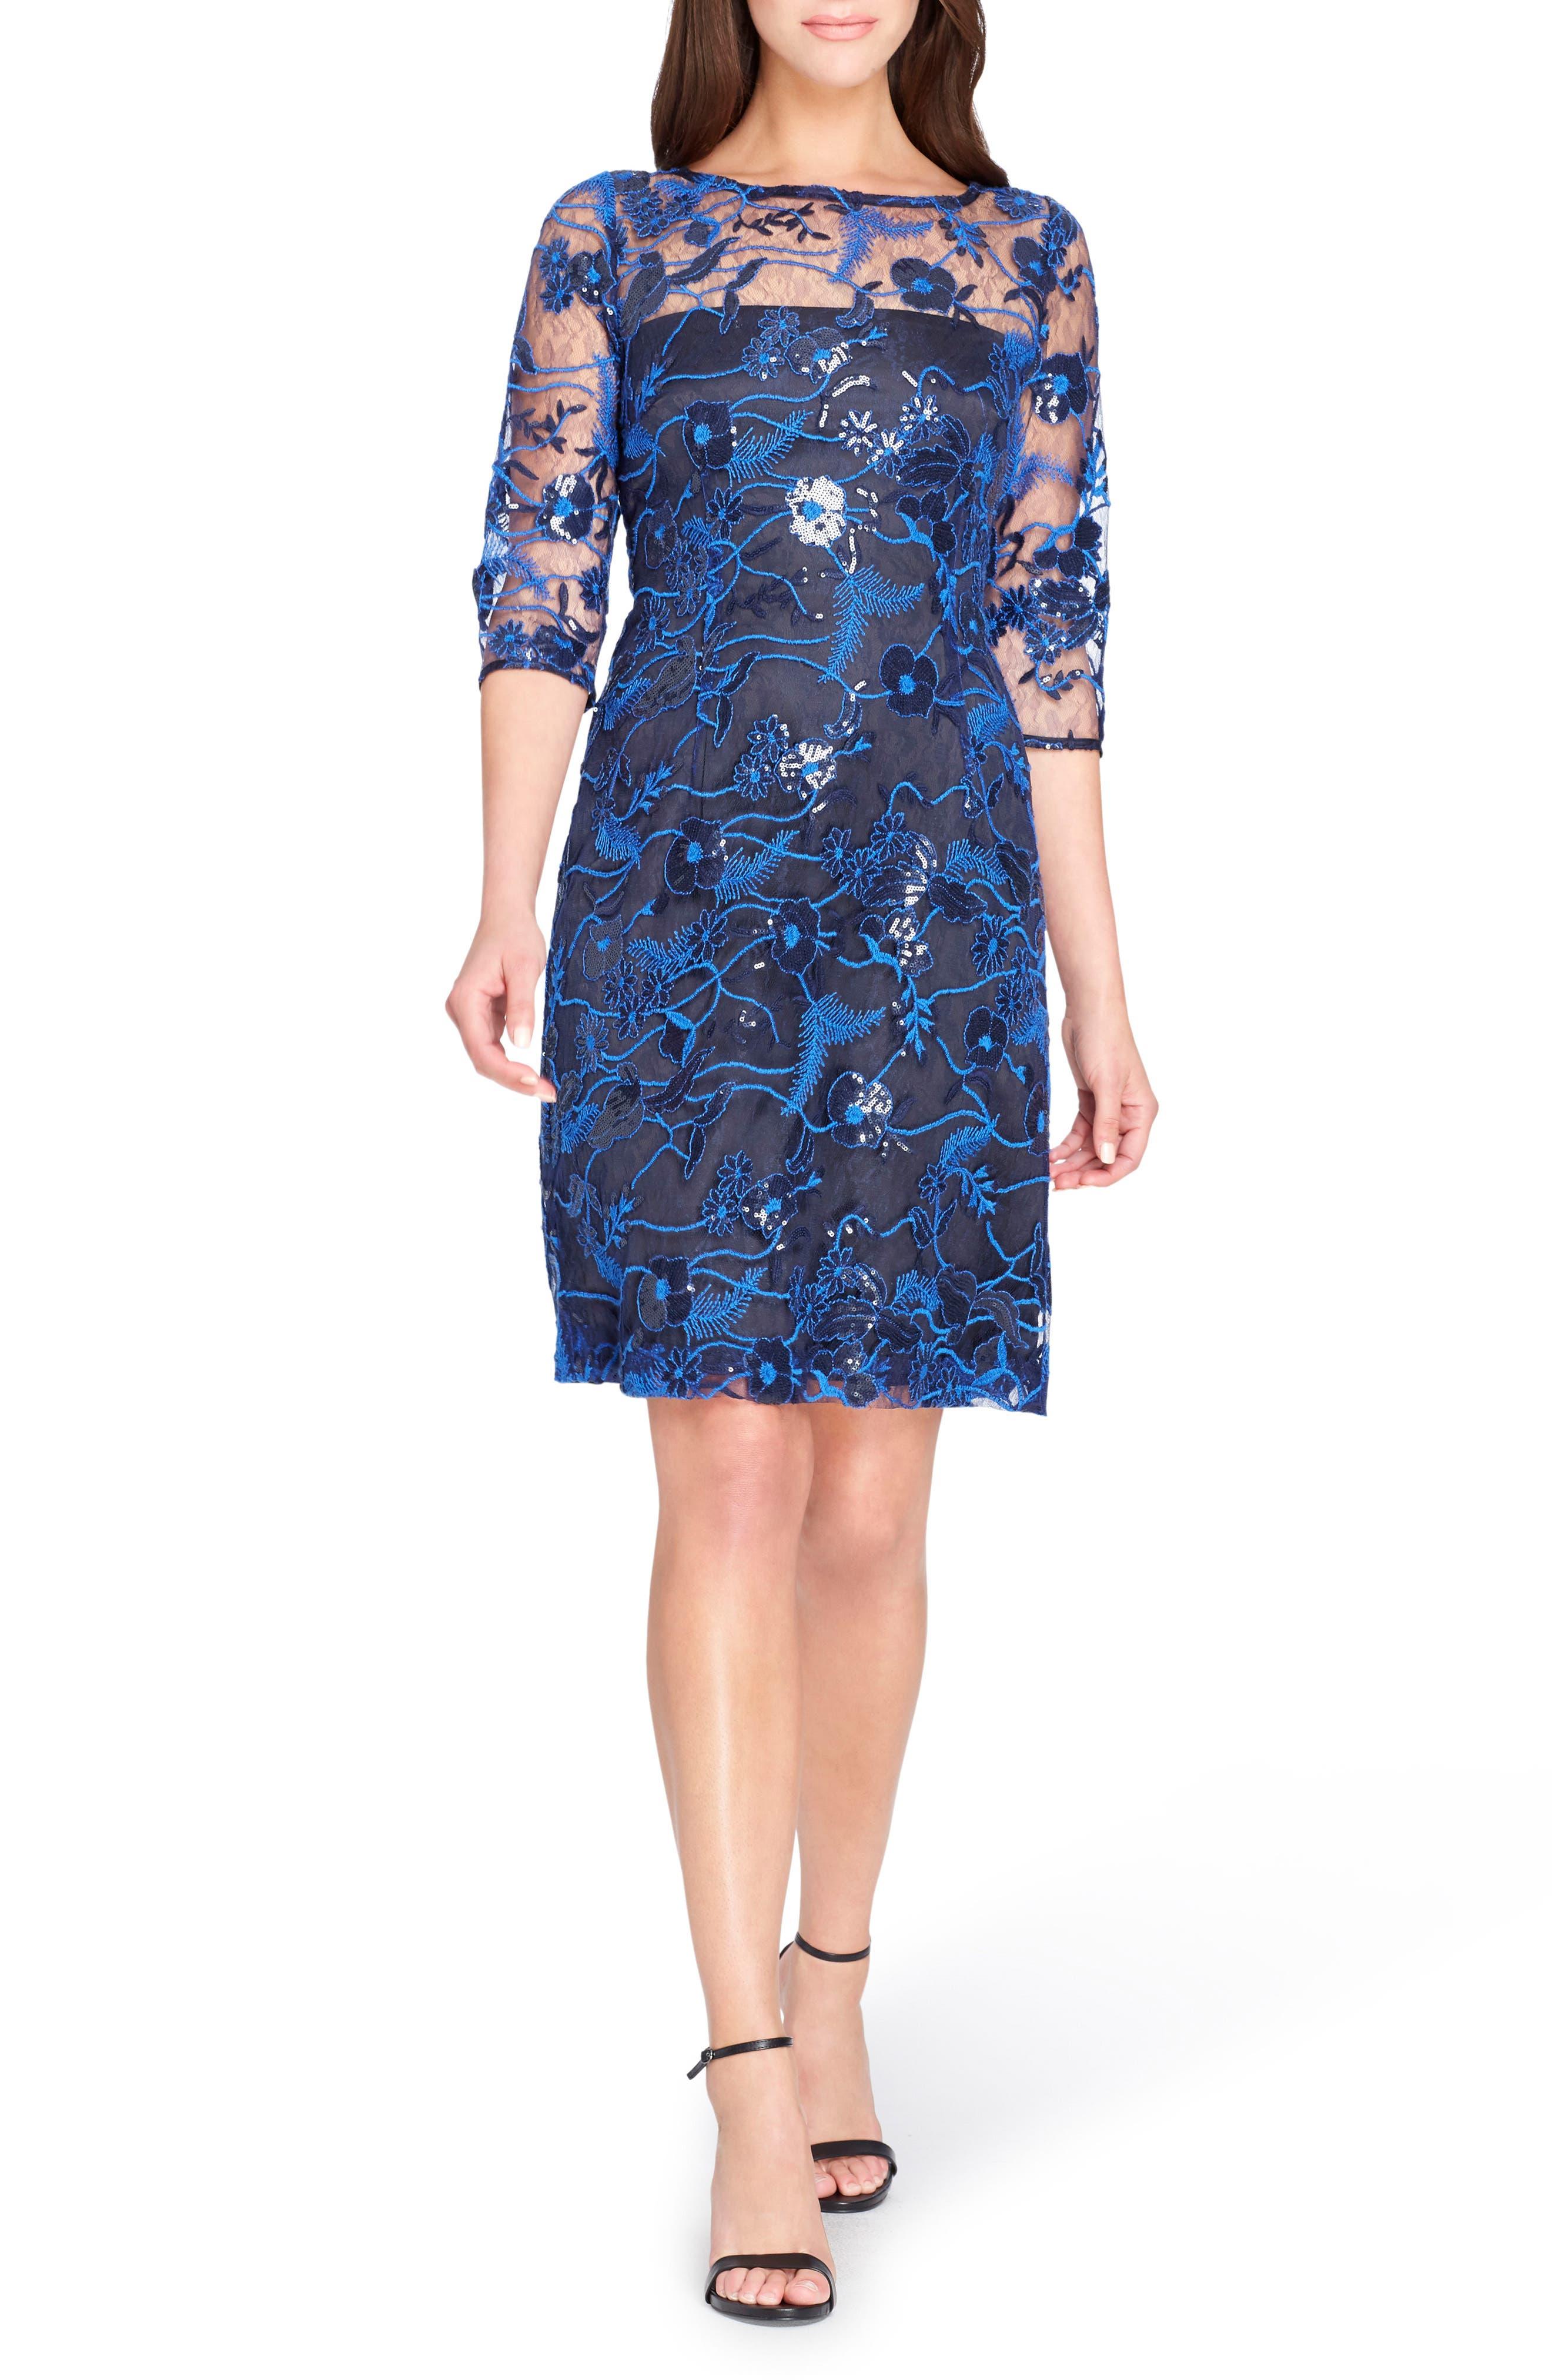 Illusion Lace Sheath Dress,                             Main thumbnail 1, color,                             Lapis/ Navy/ Black